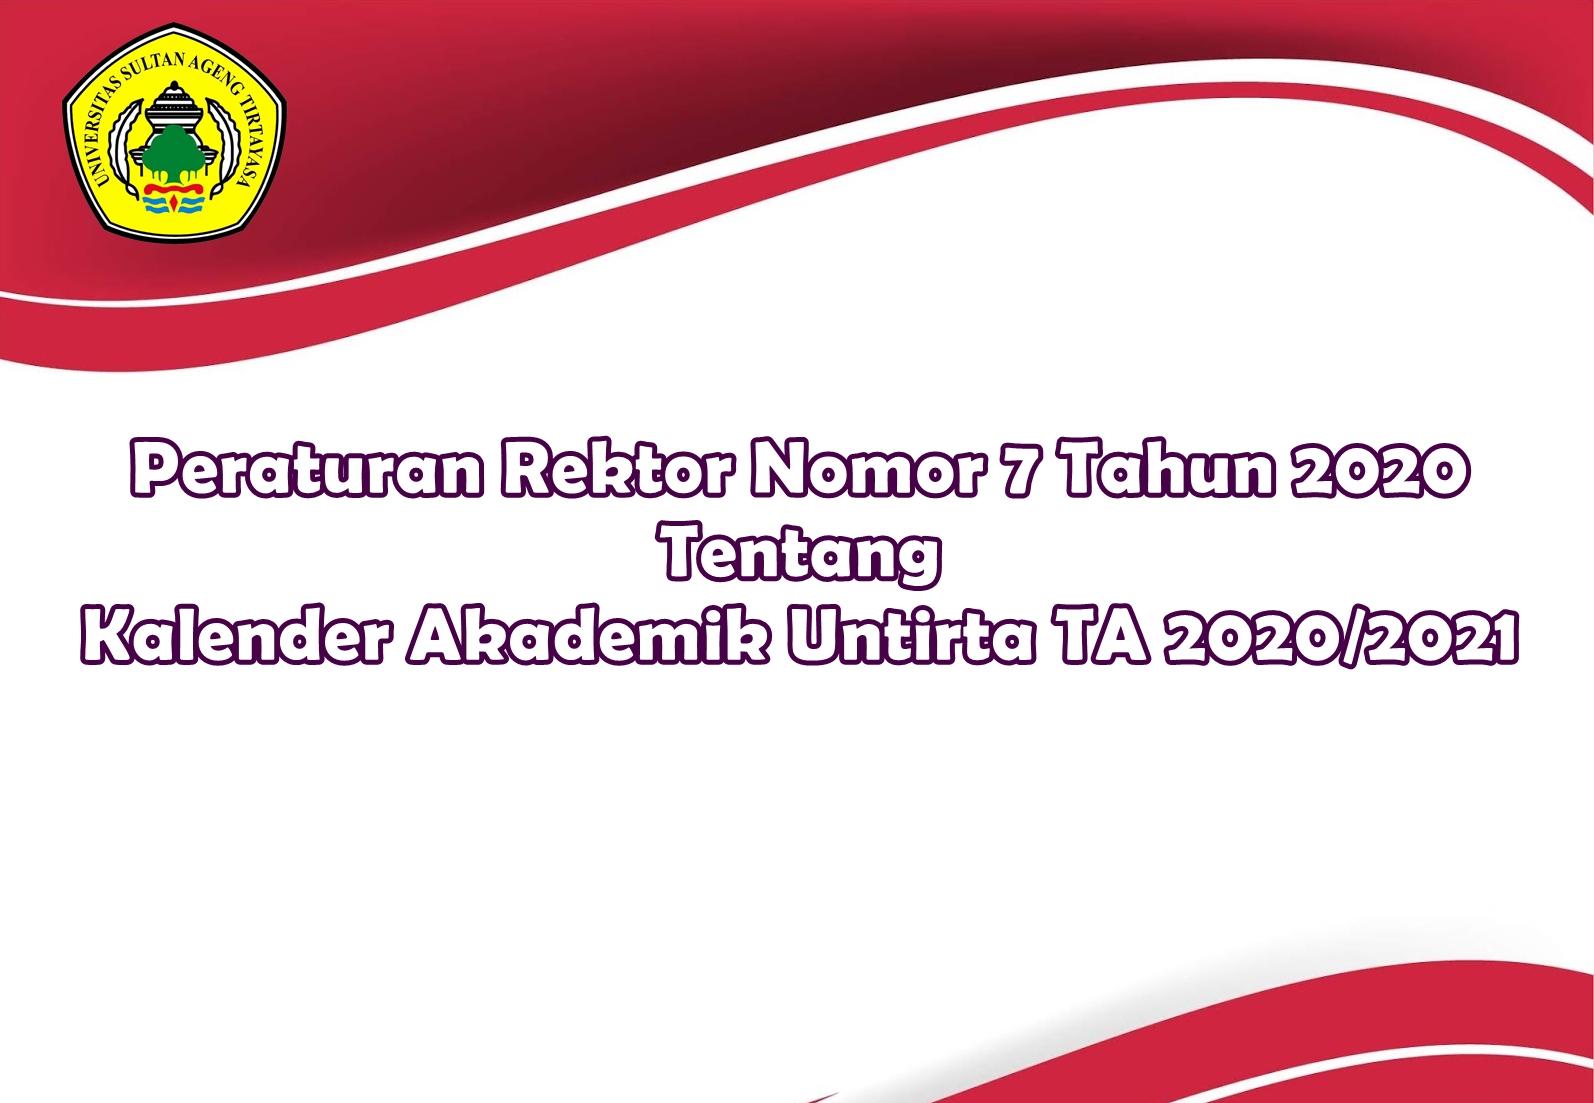 Peraturan Rektor Nomor 7 Tahun 2020 Tentang Kalender Akademik Untirta TA 2020/2021